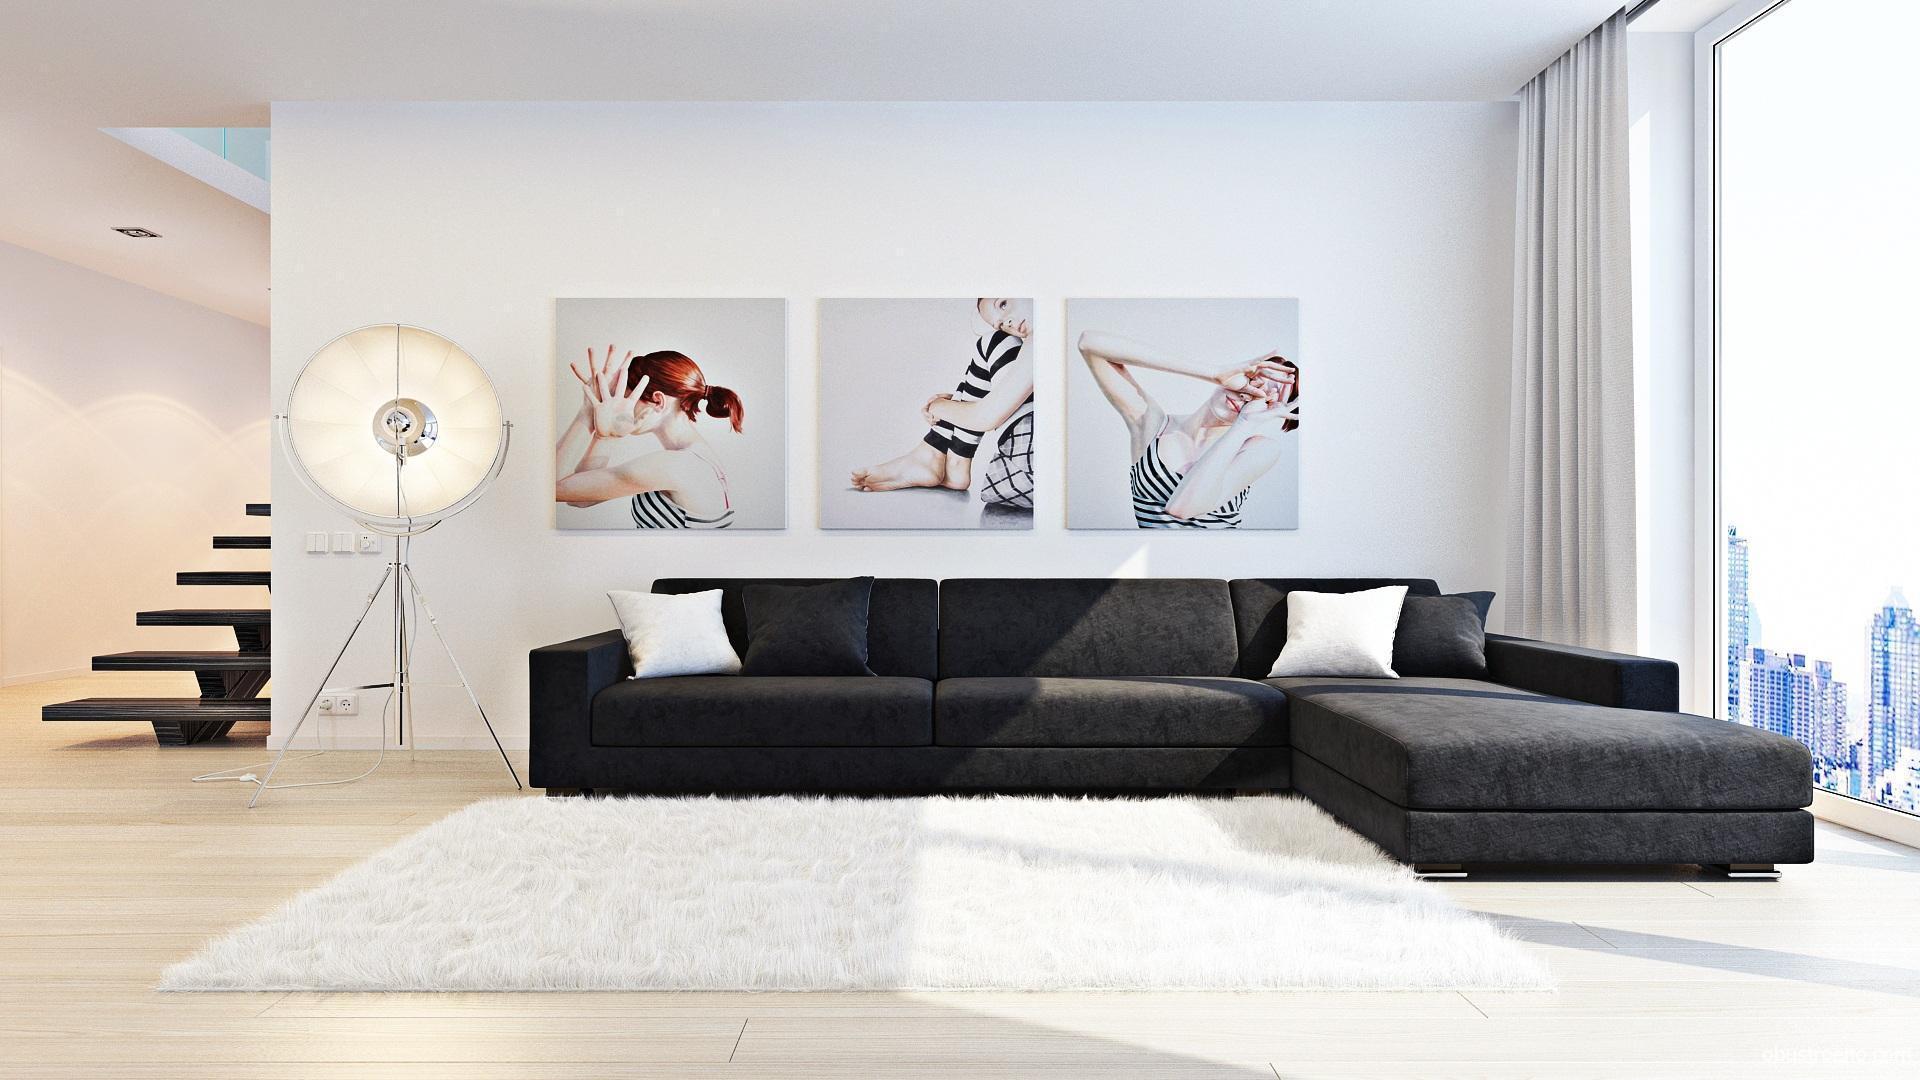 Cool art for living room